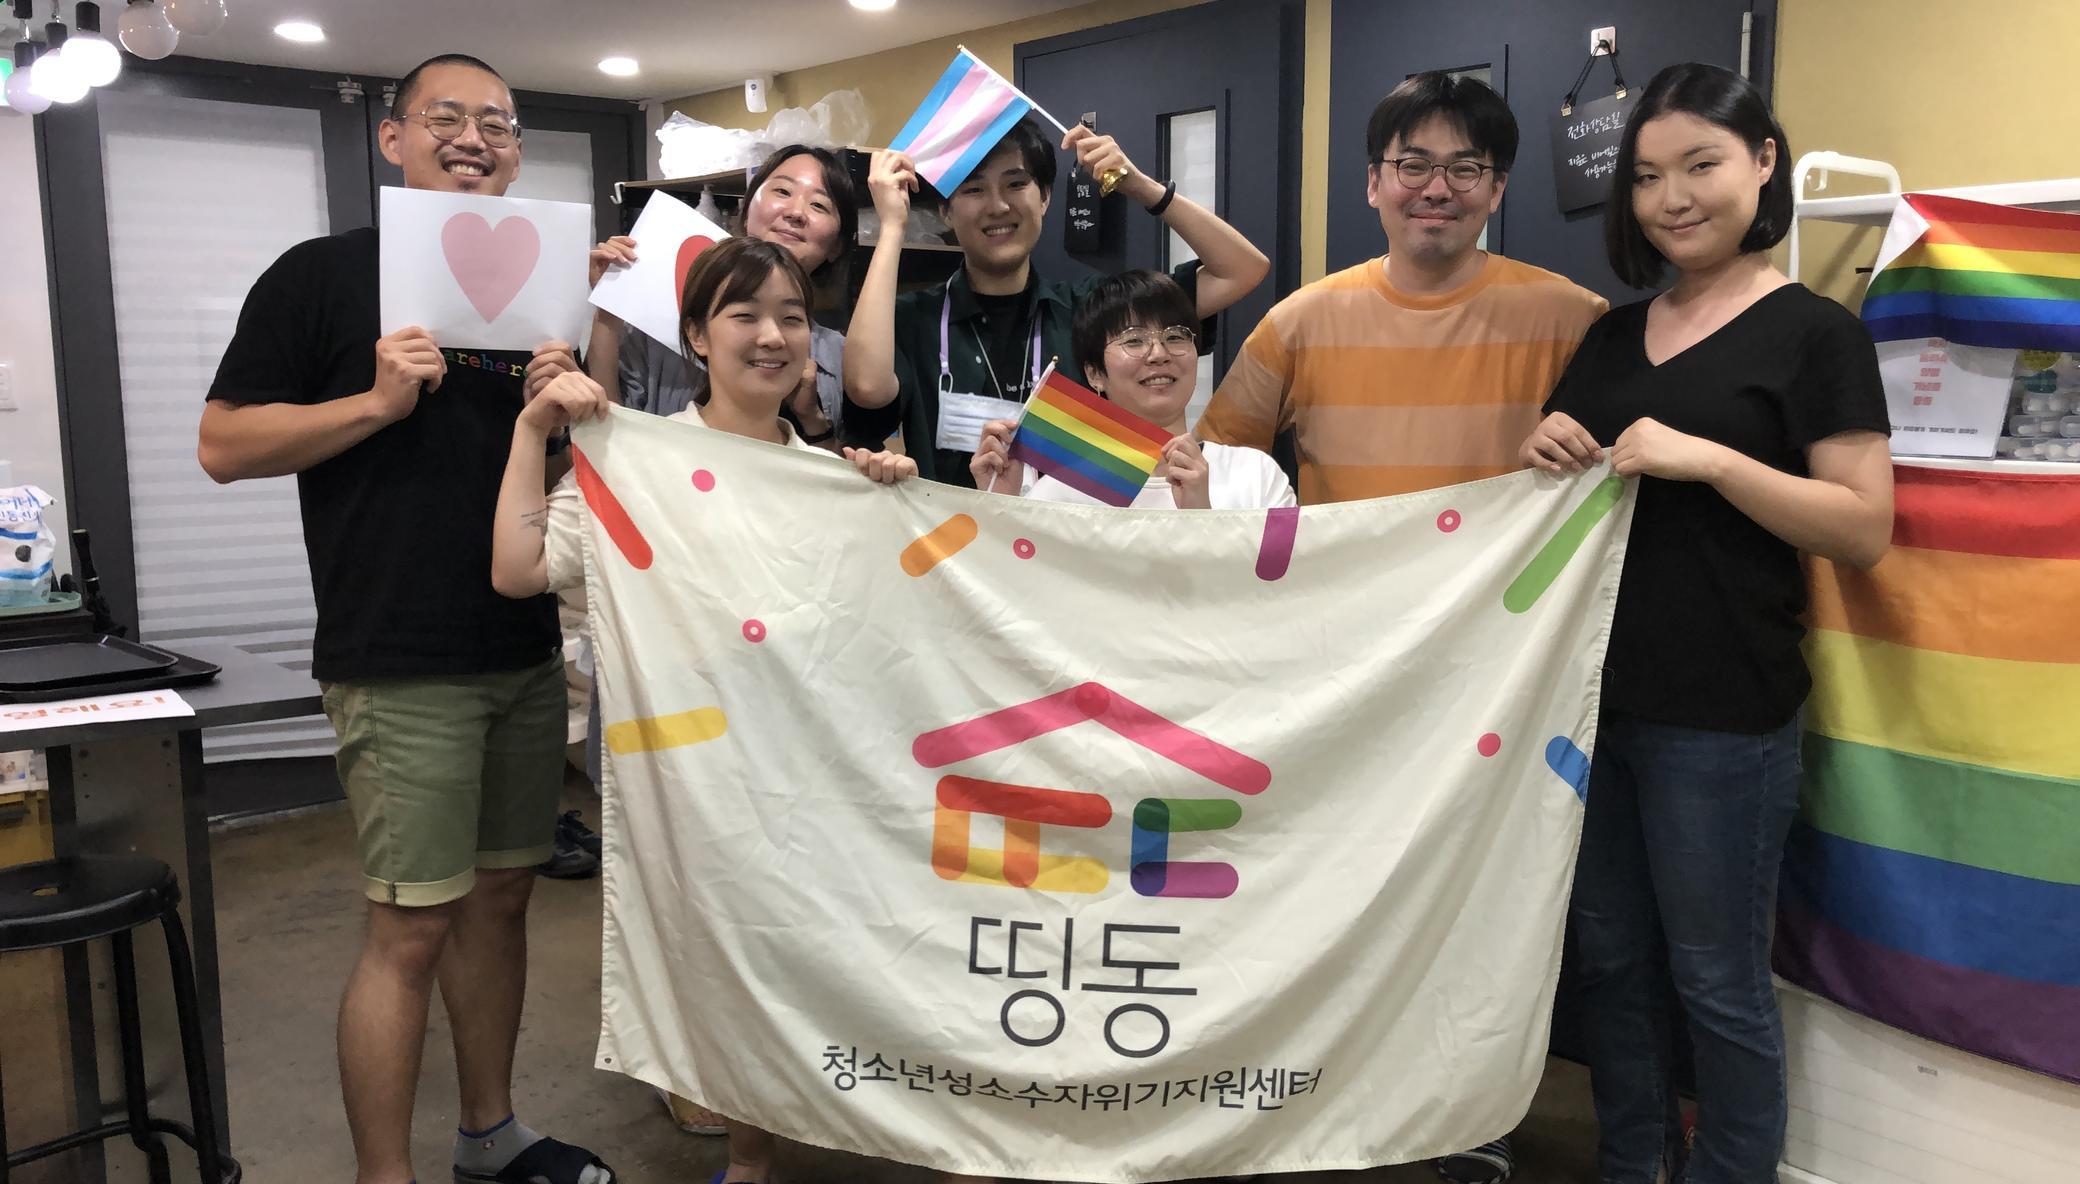 Rainbow Teen Safe Space